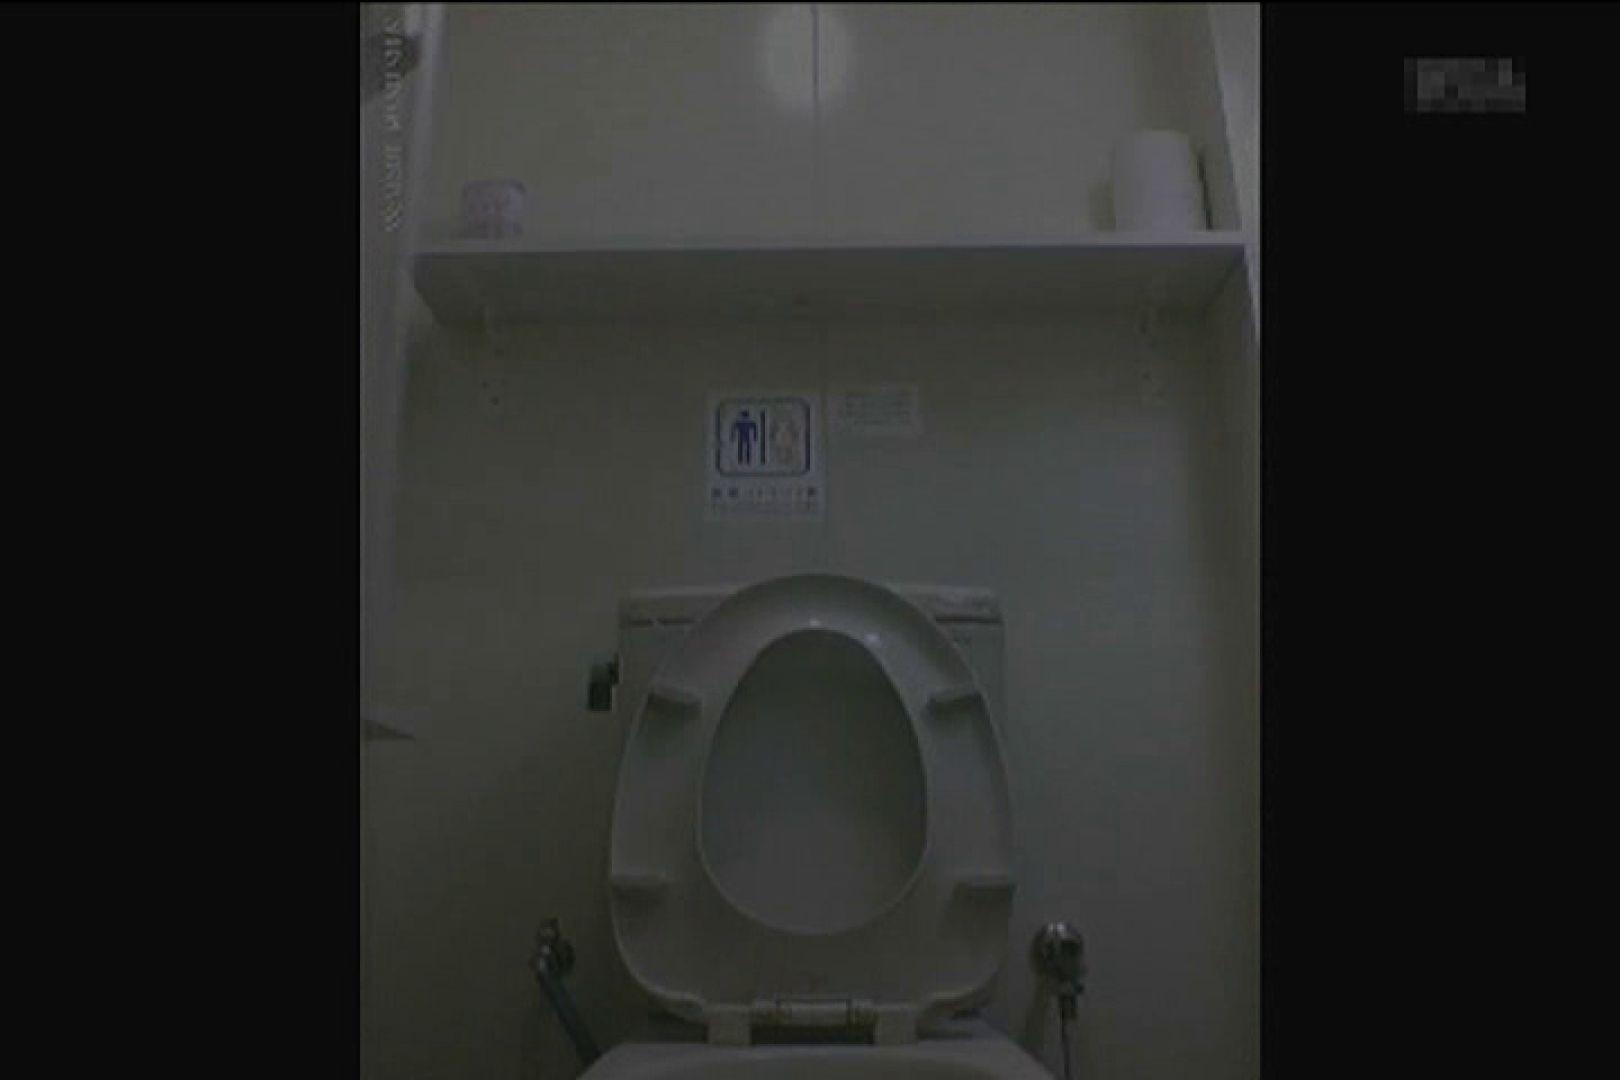 洋式洗面所オムニバスvol.6 おまんこ無修正  97pic 15